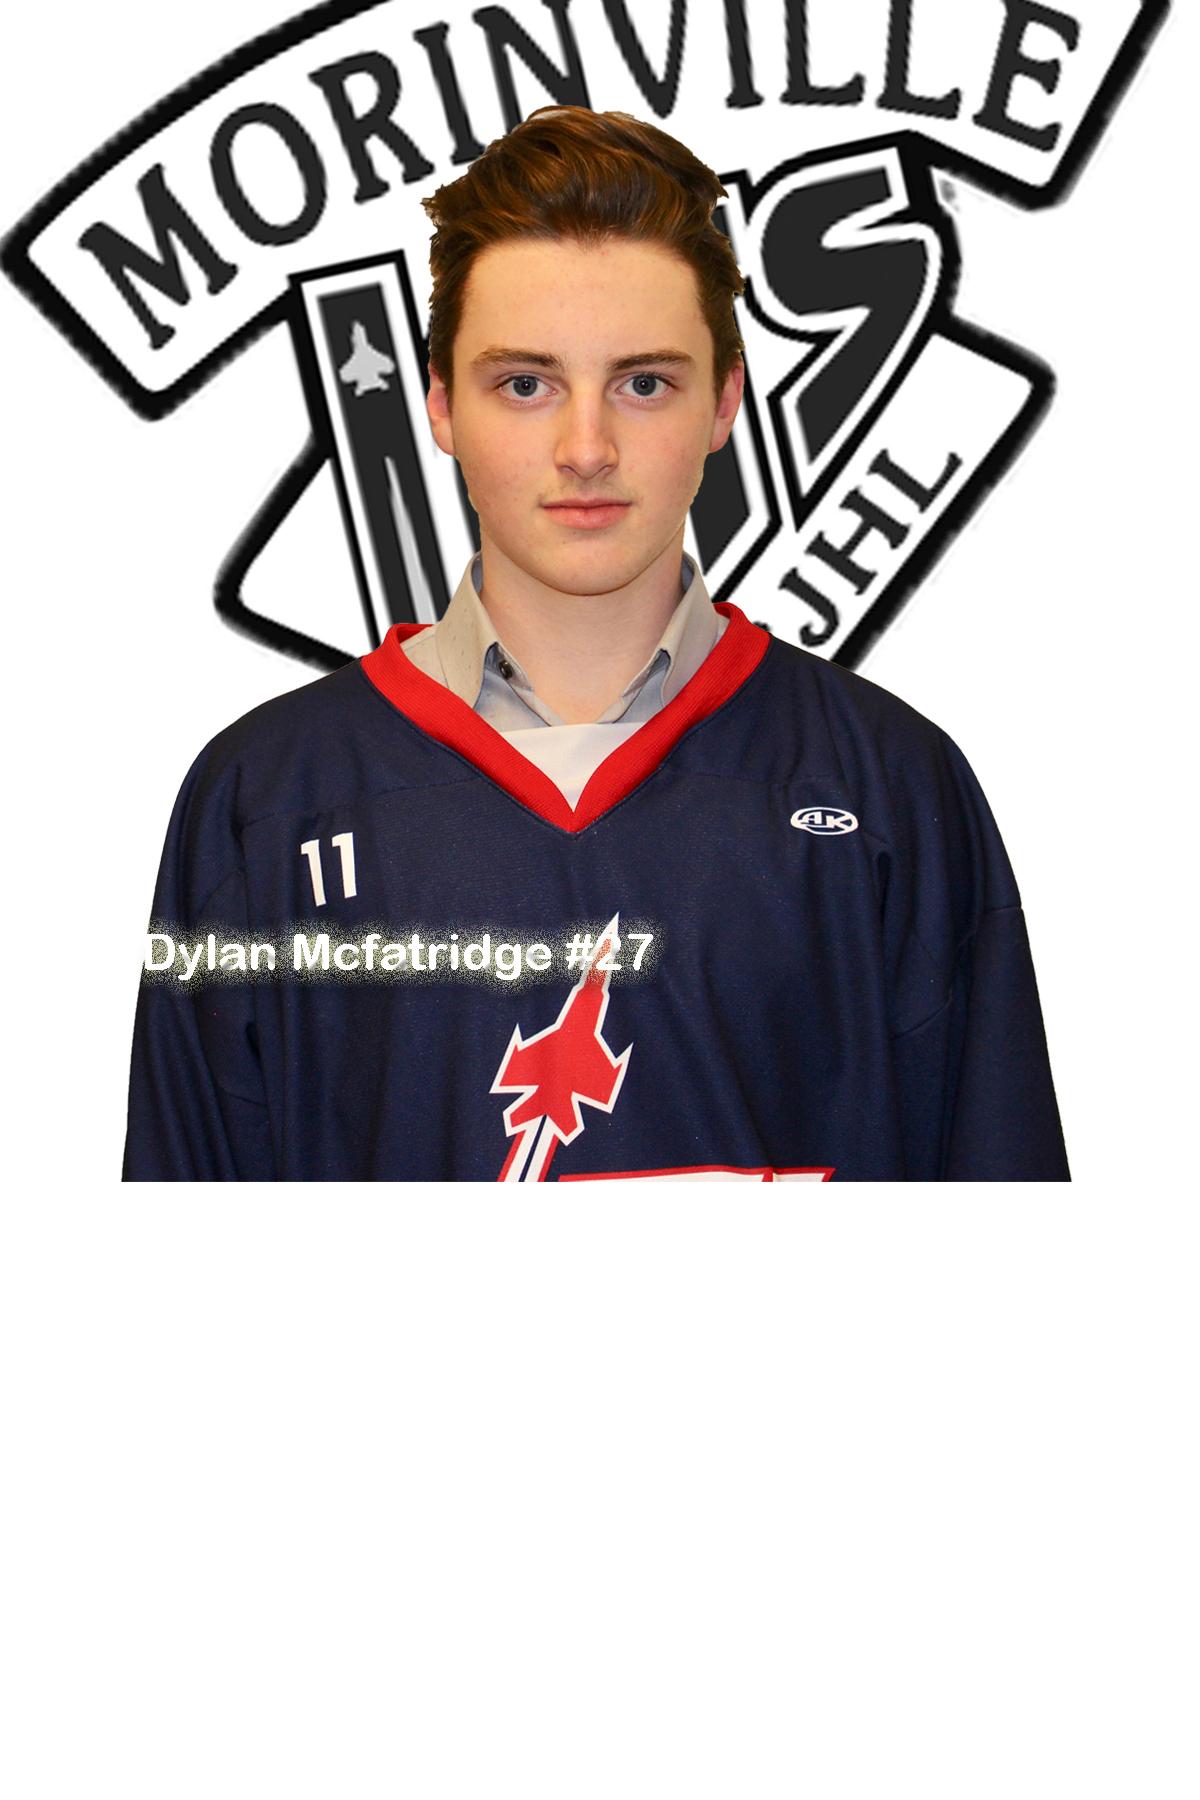 #27 Dylan McFatridge